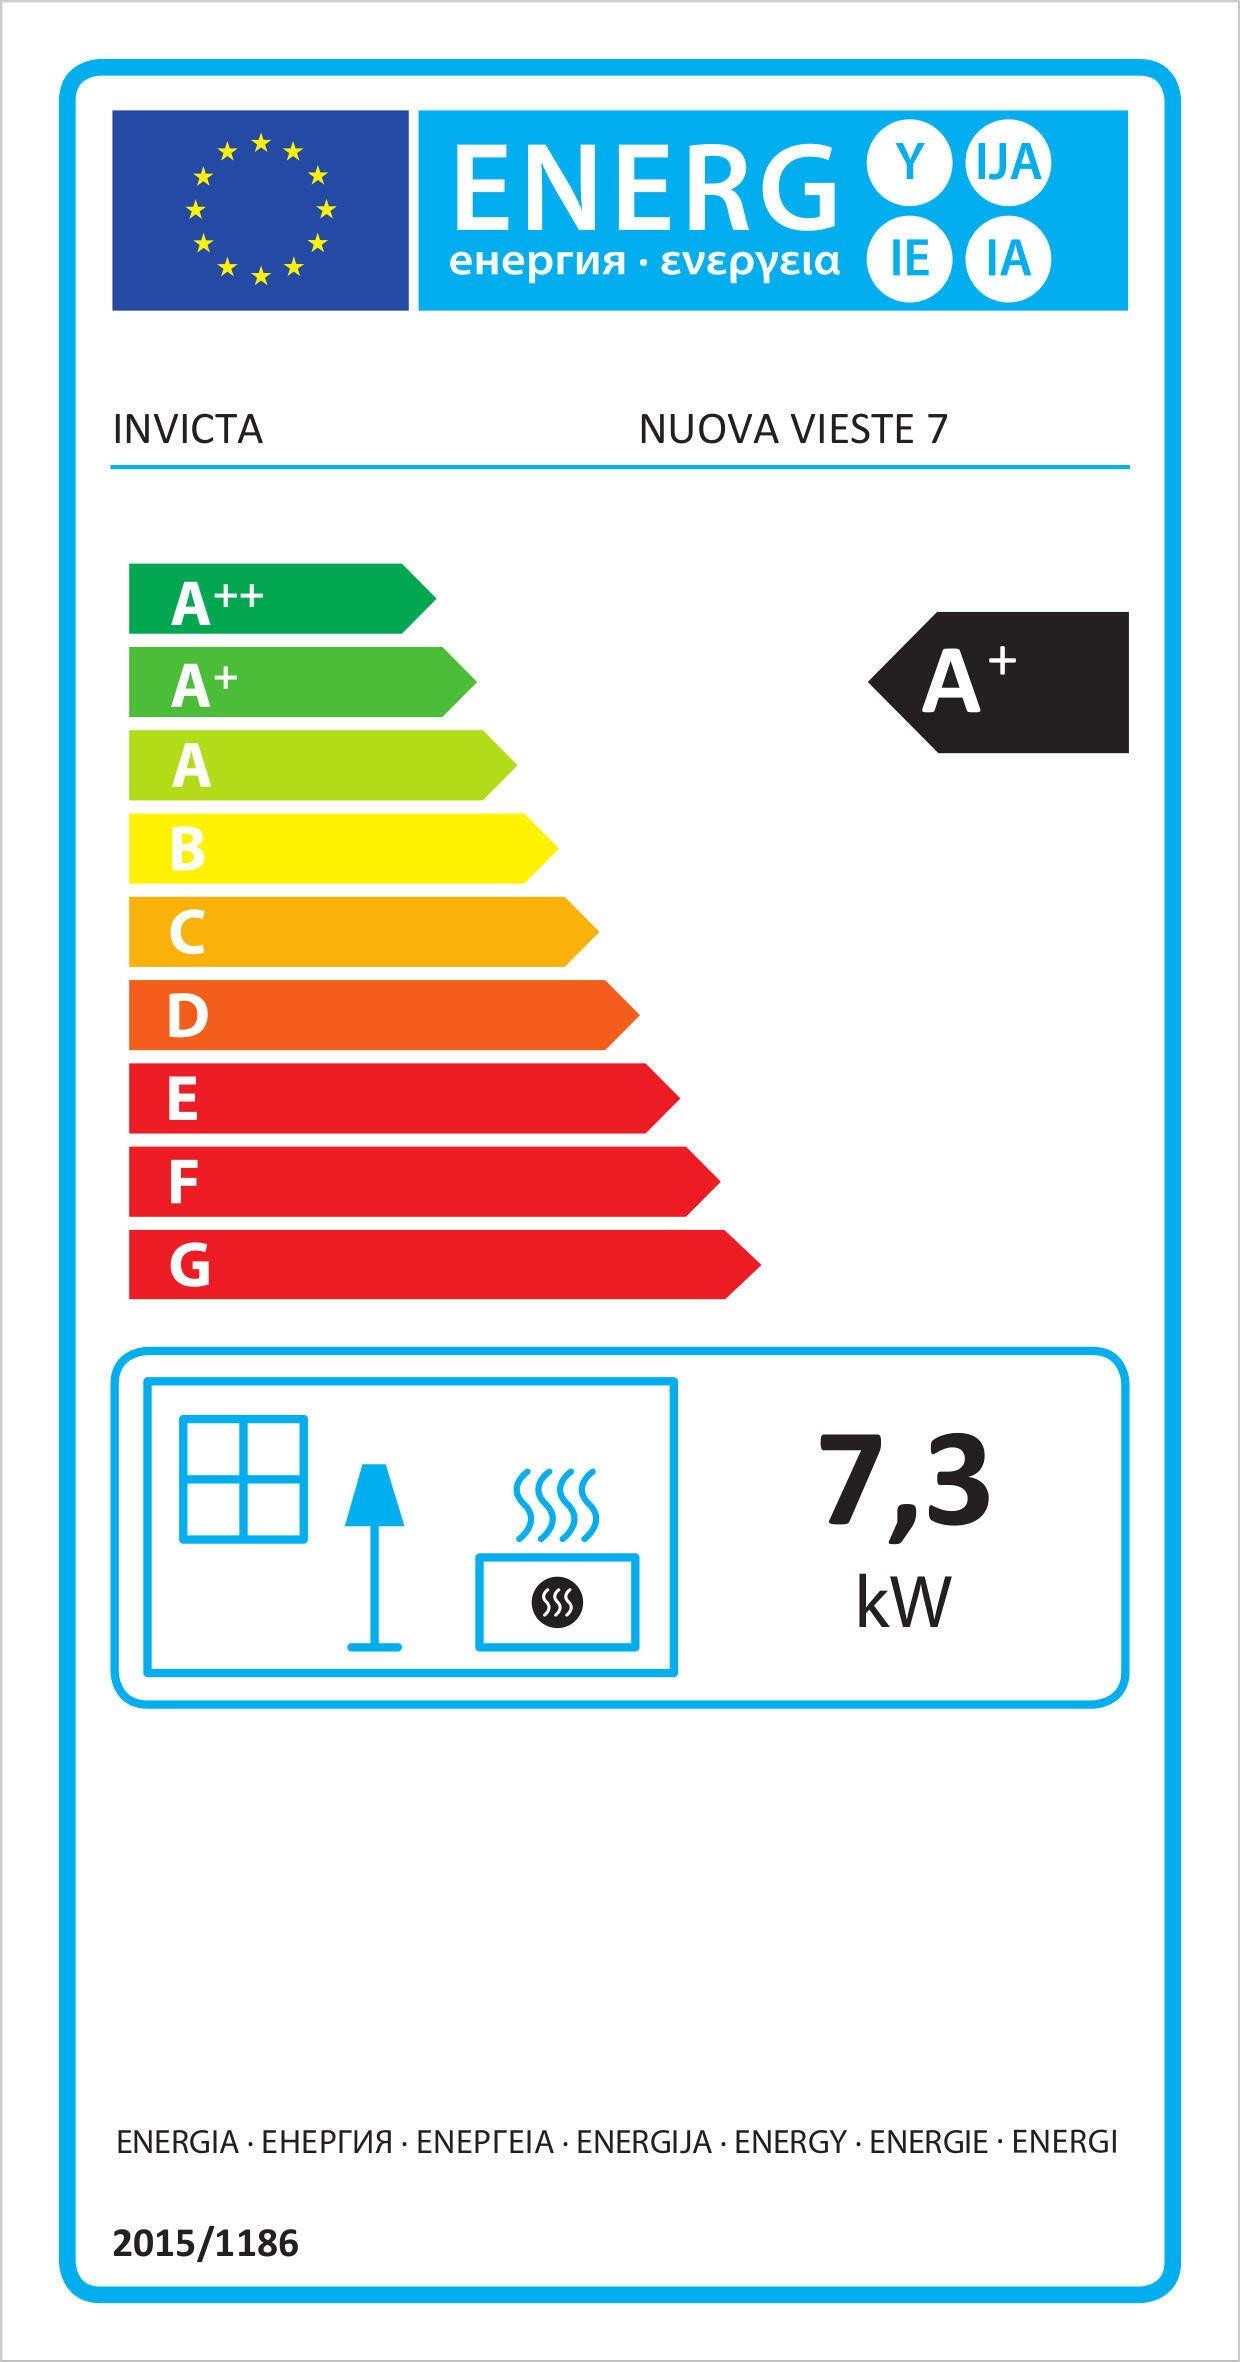 Stufa a pellet ventilata Vieste 7.3 kW bordeaux - 2